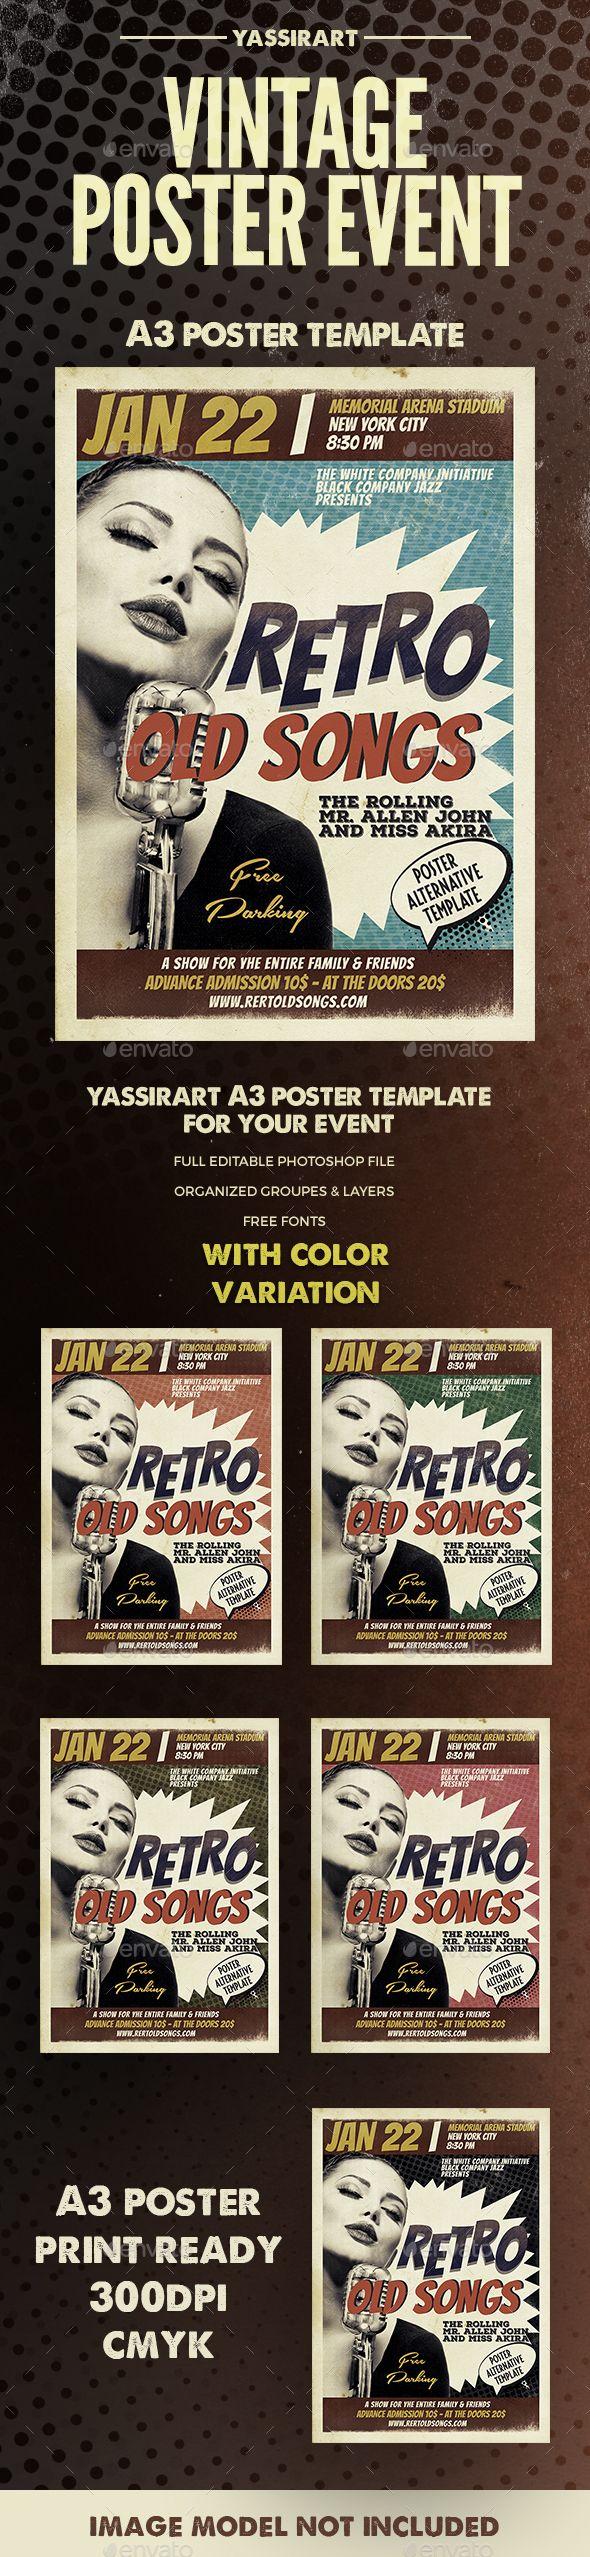 Retro Event Poster A3 Template PSD